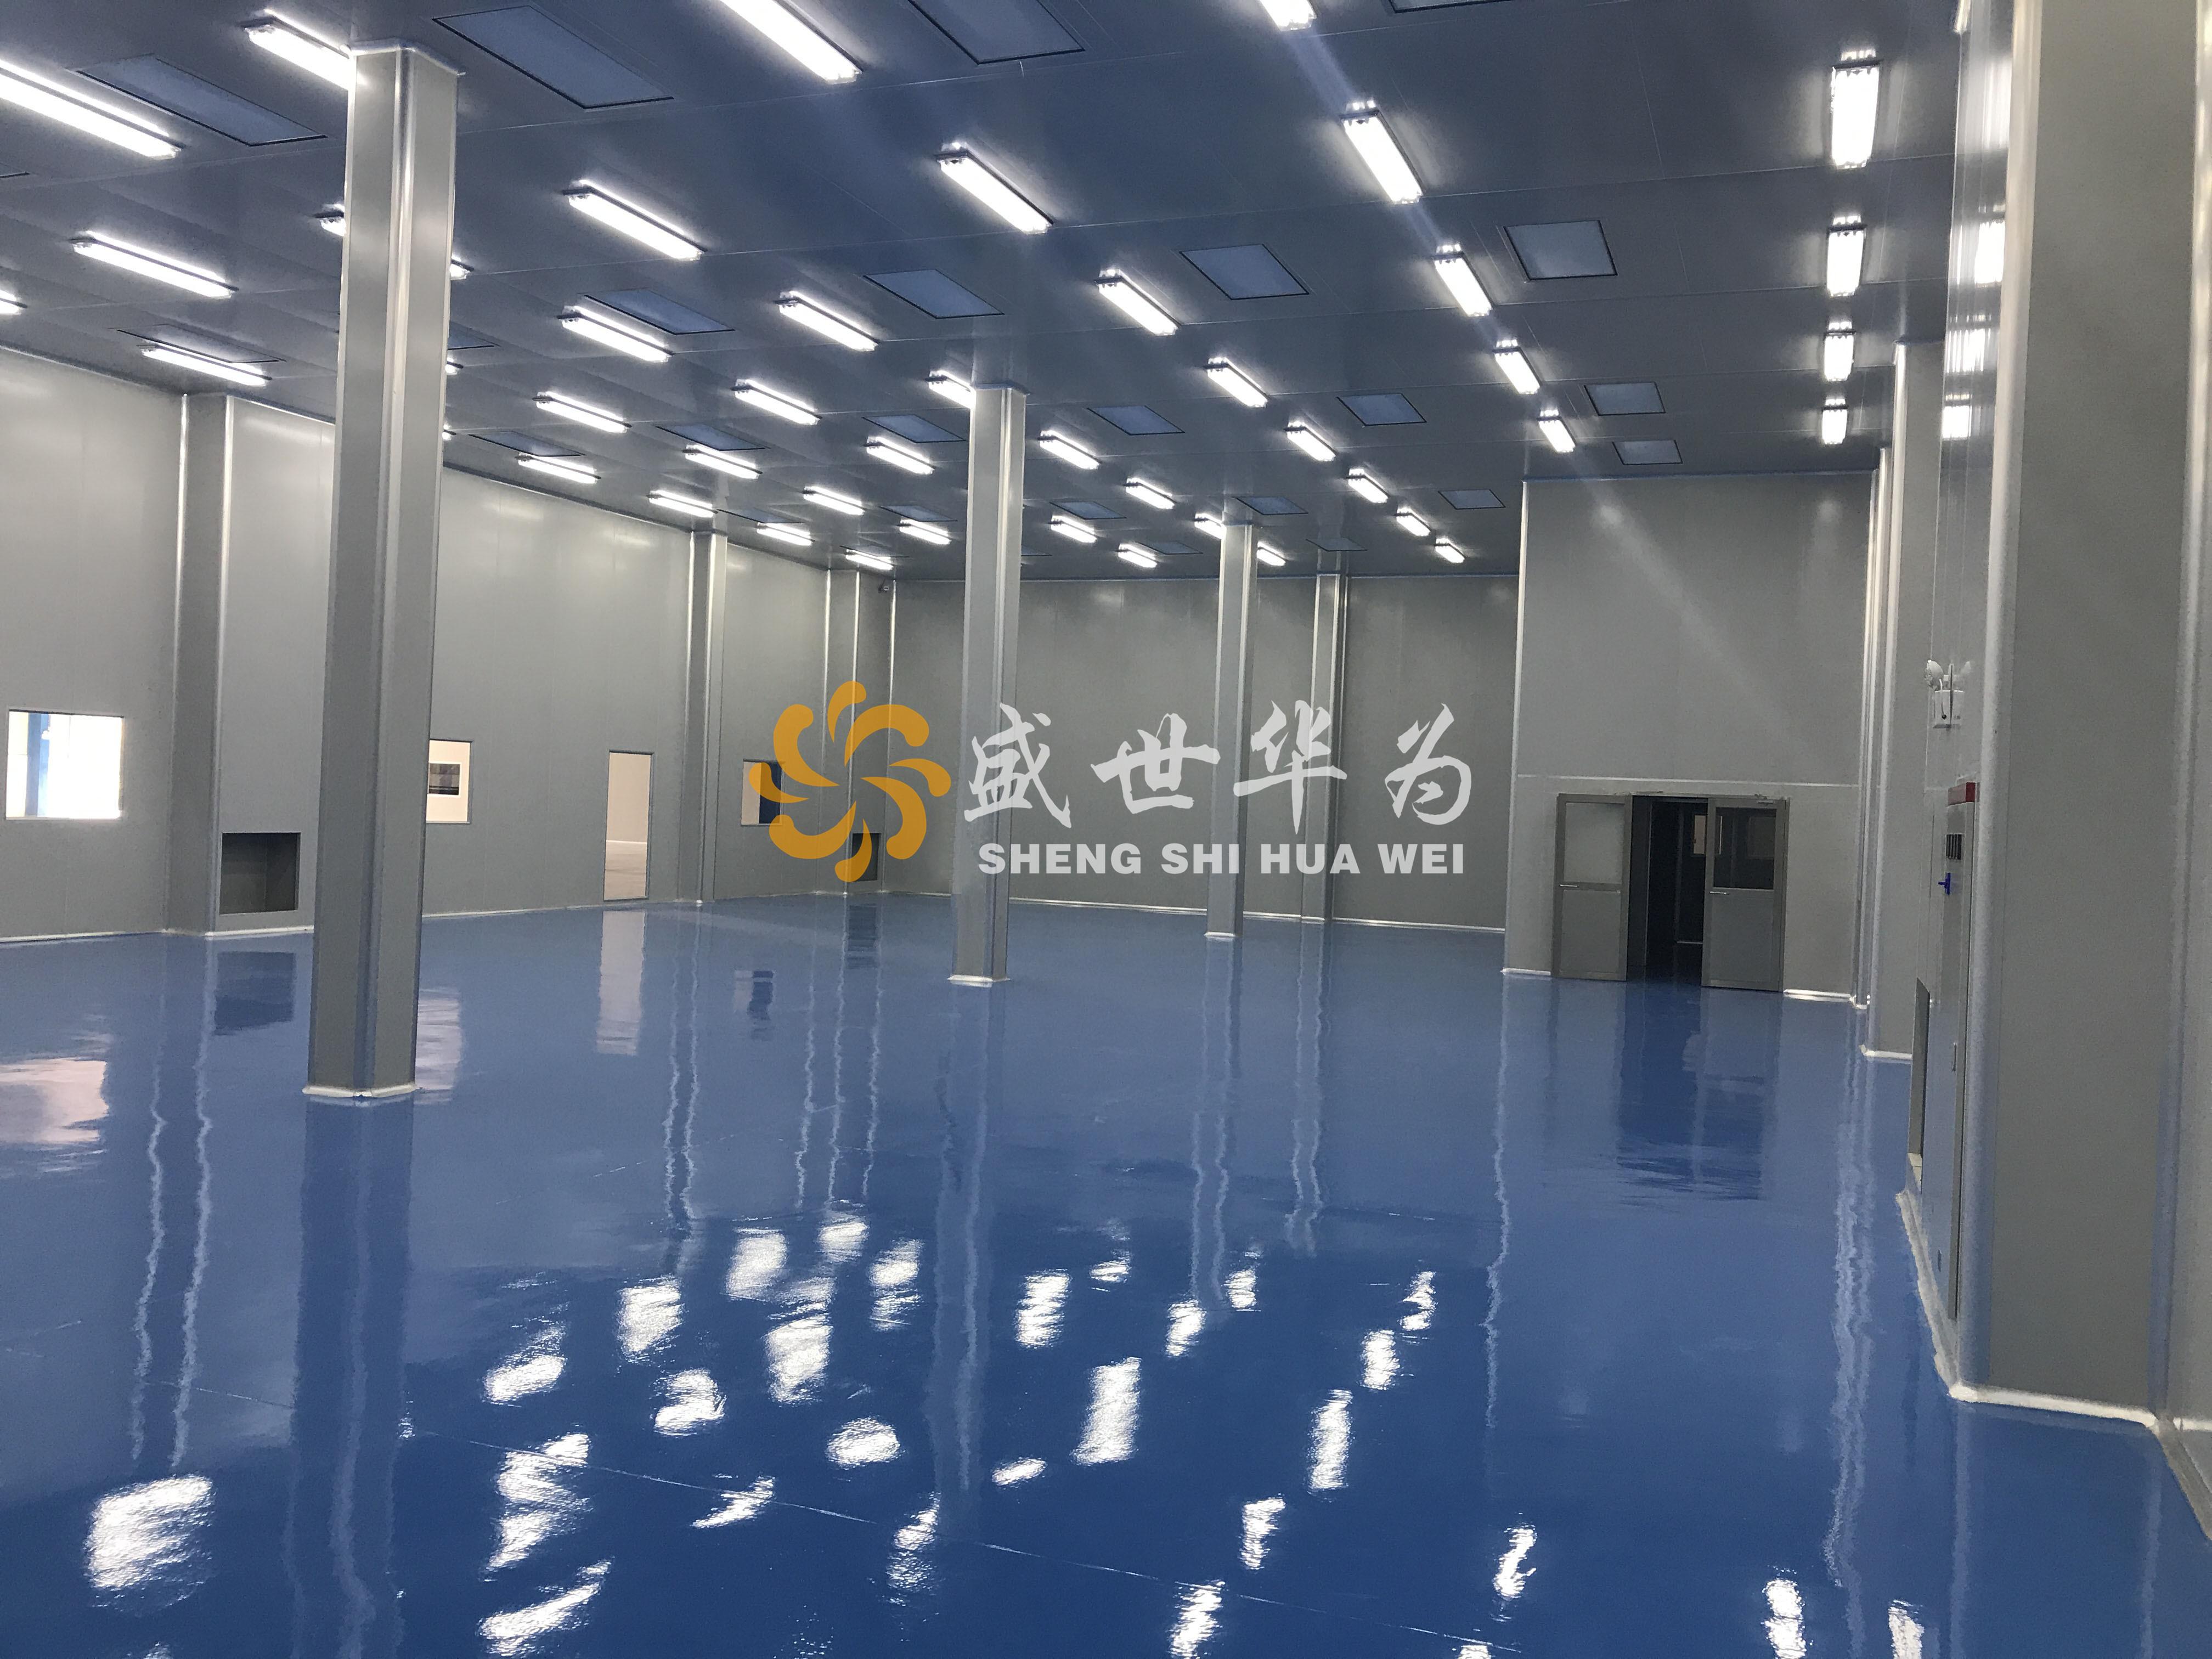 例如在大规模集成电路生产的光刻曝光工艺中,作为掩膜板材料的玻璃与